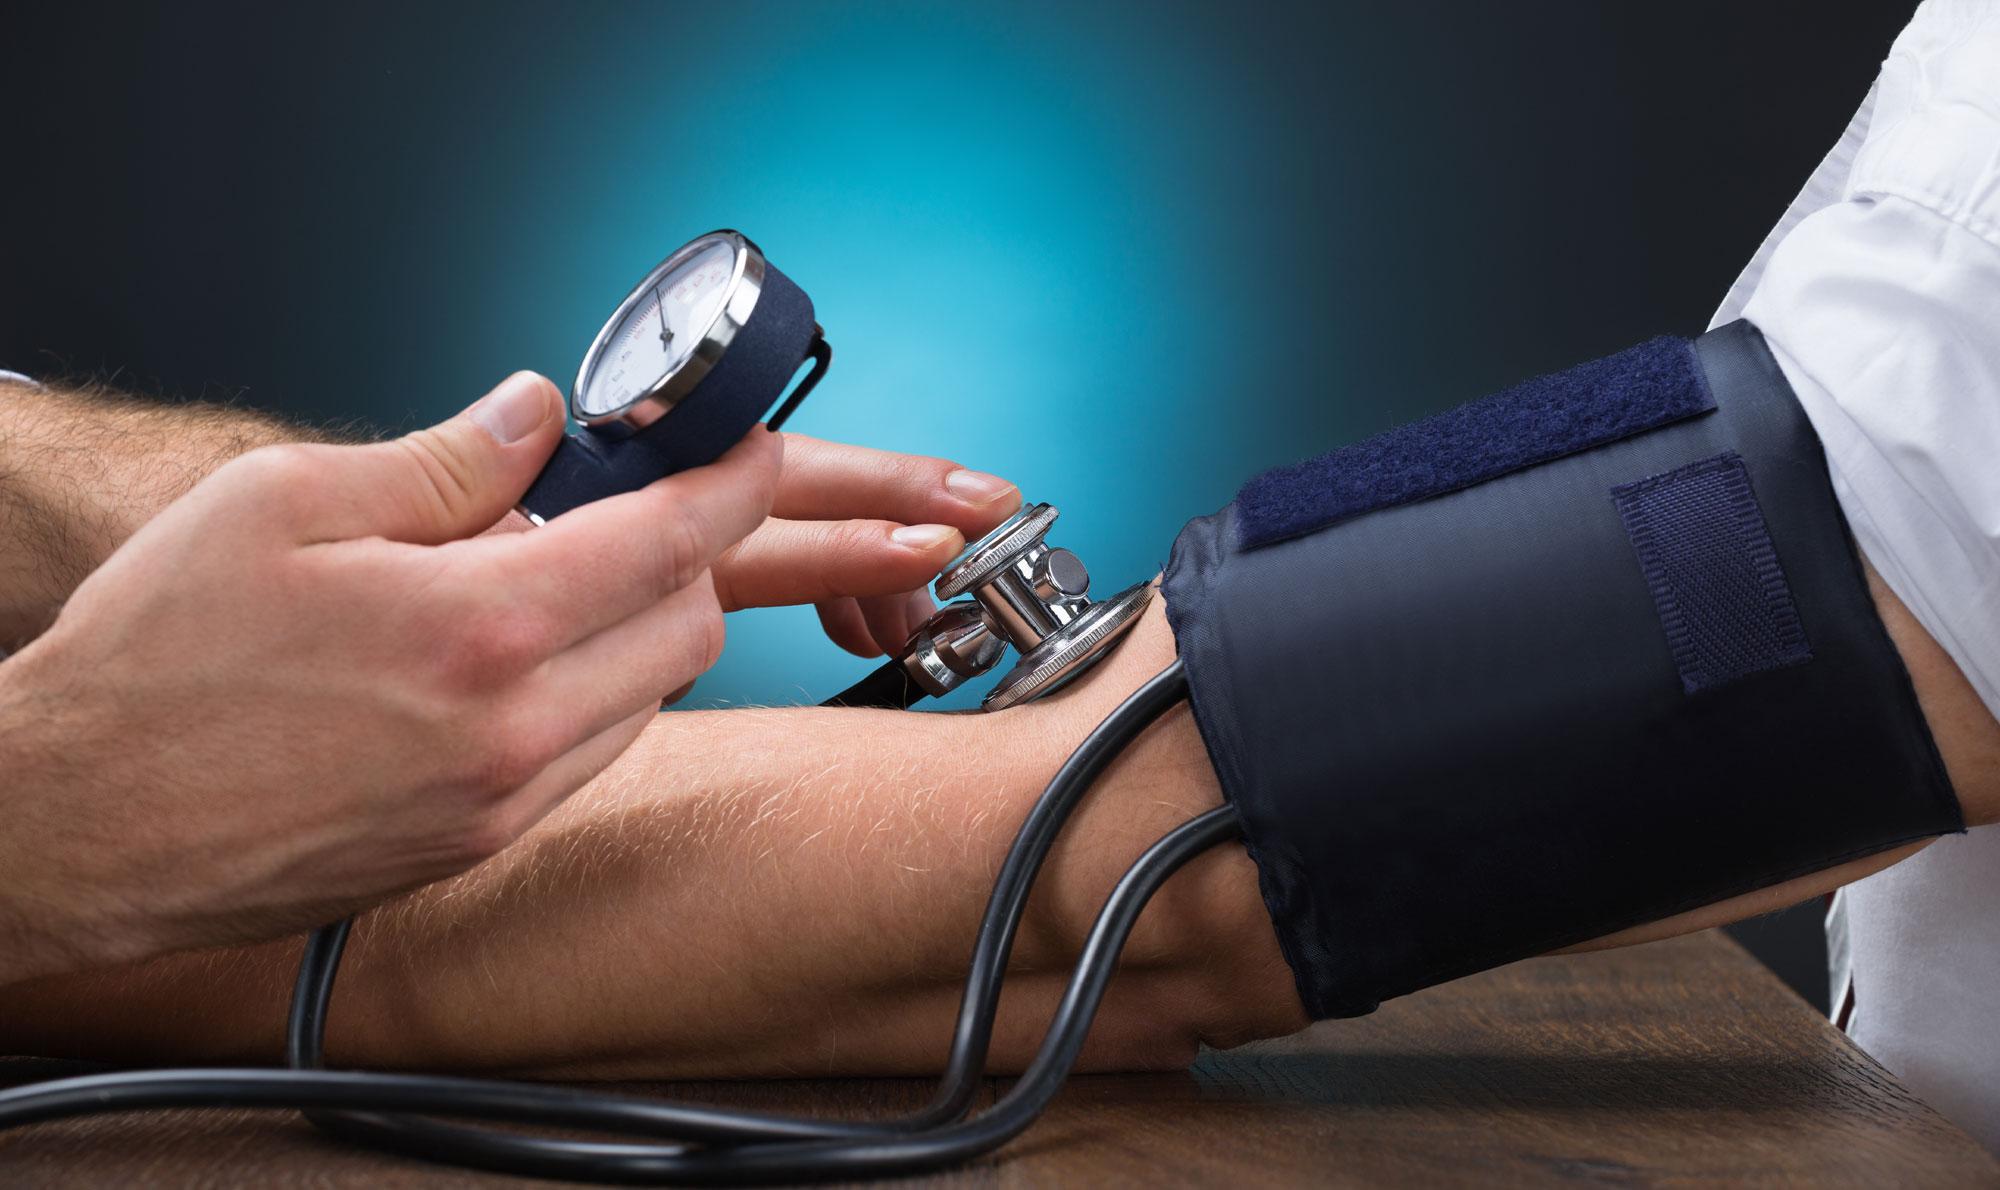 najnovije lijekove za liječenje povišenog krvnog tlaka)